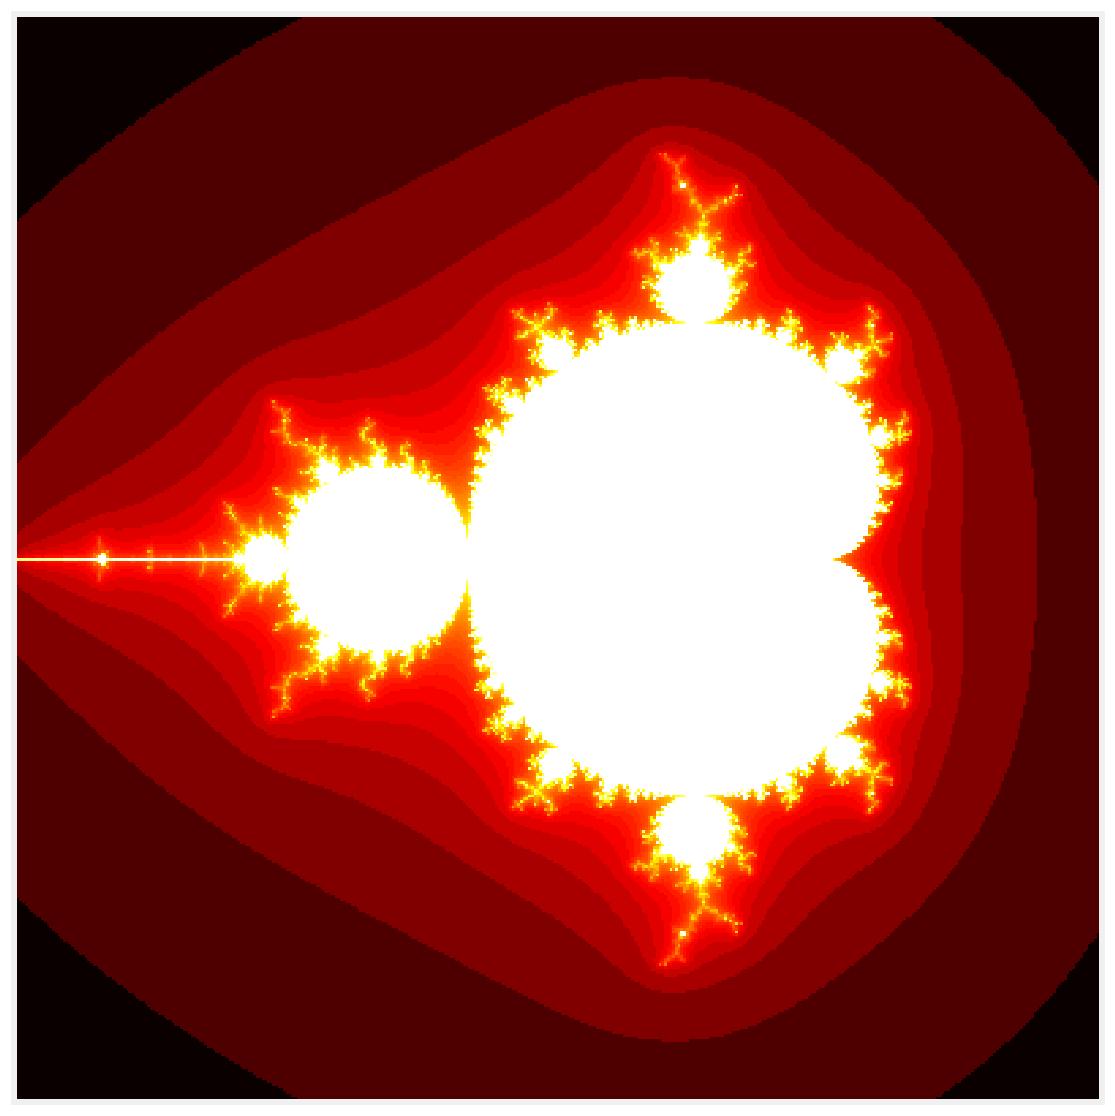 <matplotlib.figure.Figure at 0x7f1085fbd4a8>